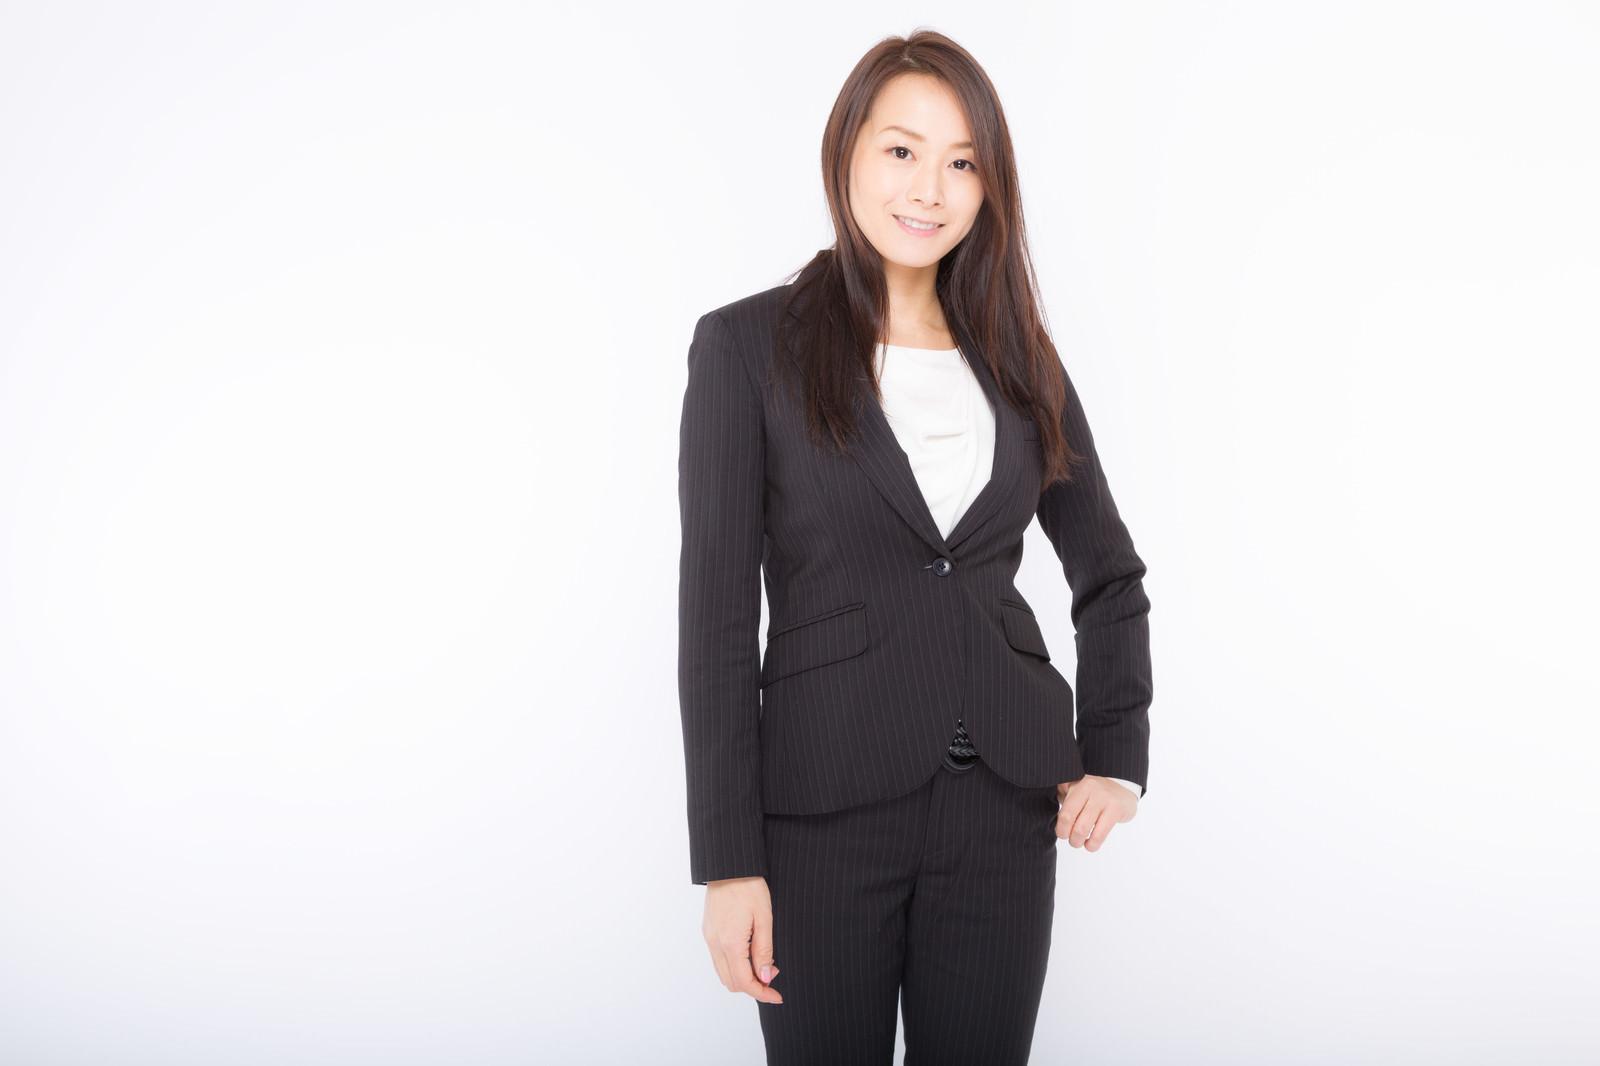 「役員クラスぽい女性のプロフィール写真役員クラスぽい女性のプロフィール写真」[モデル:土本寛子]のフリー写真素材を拡大